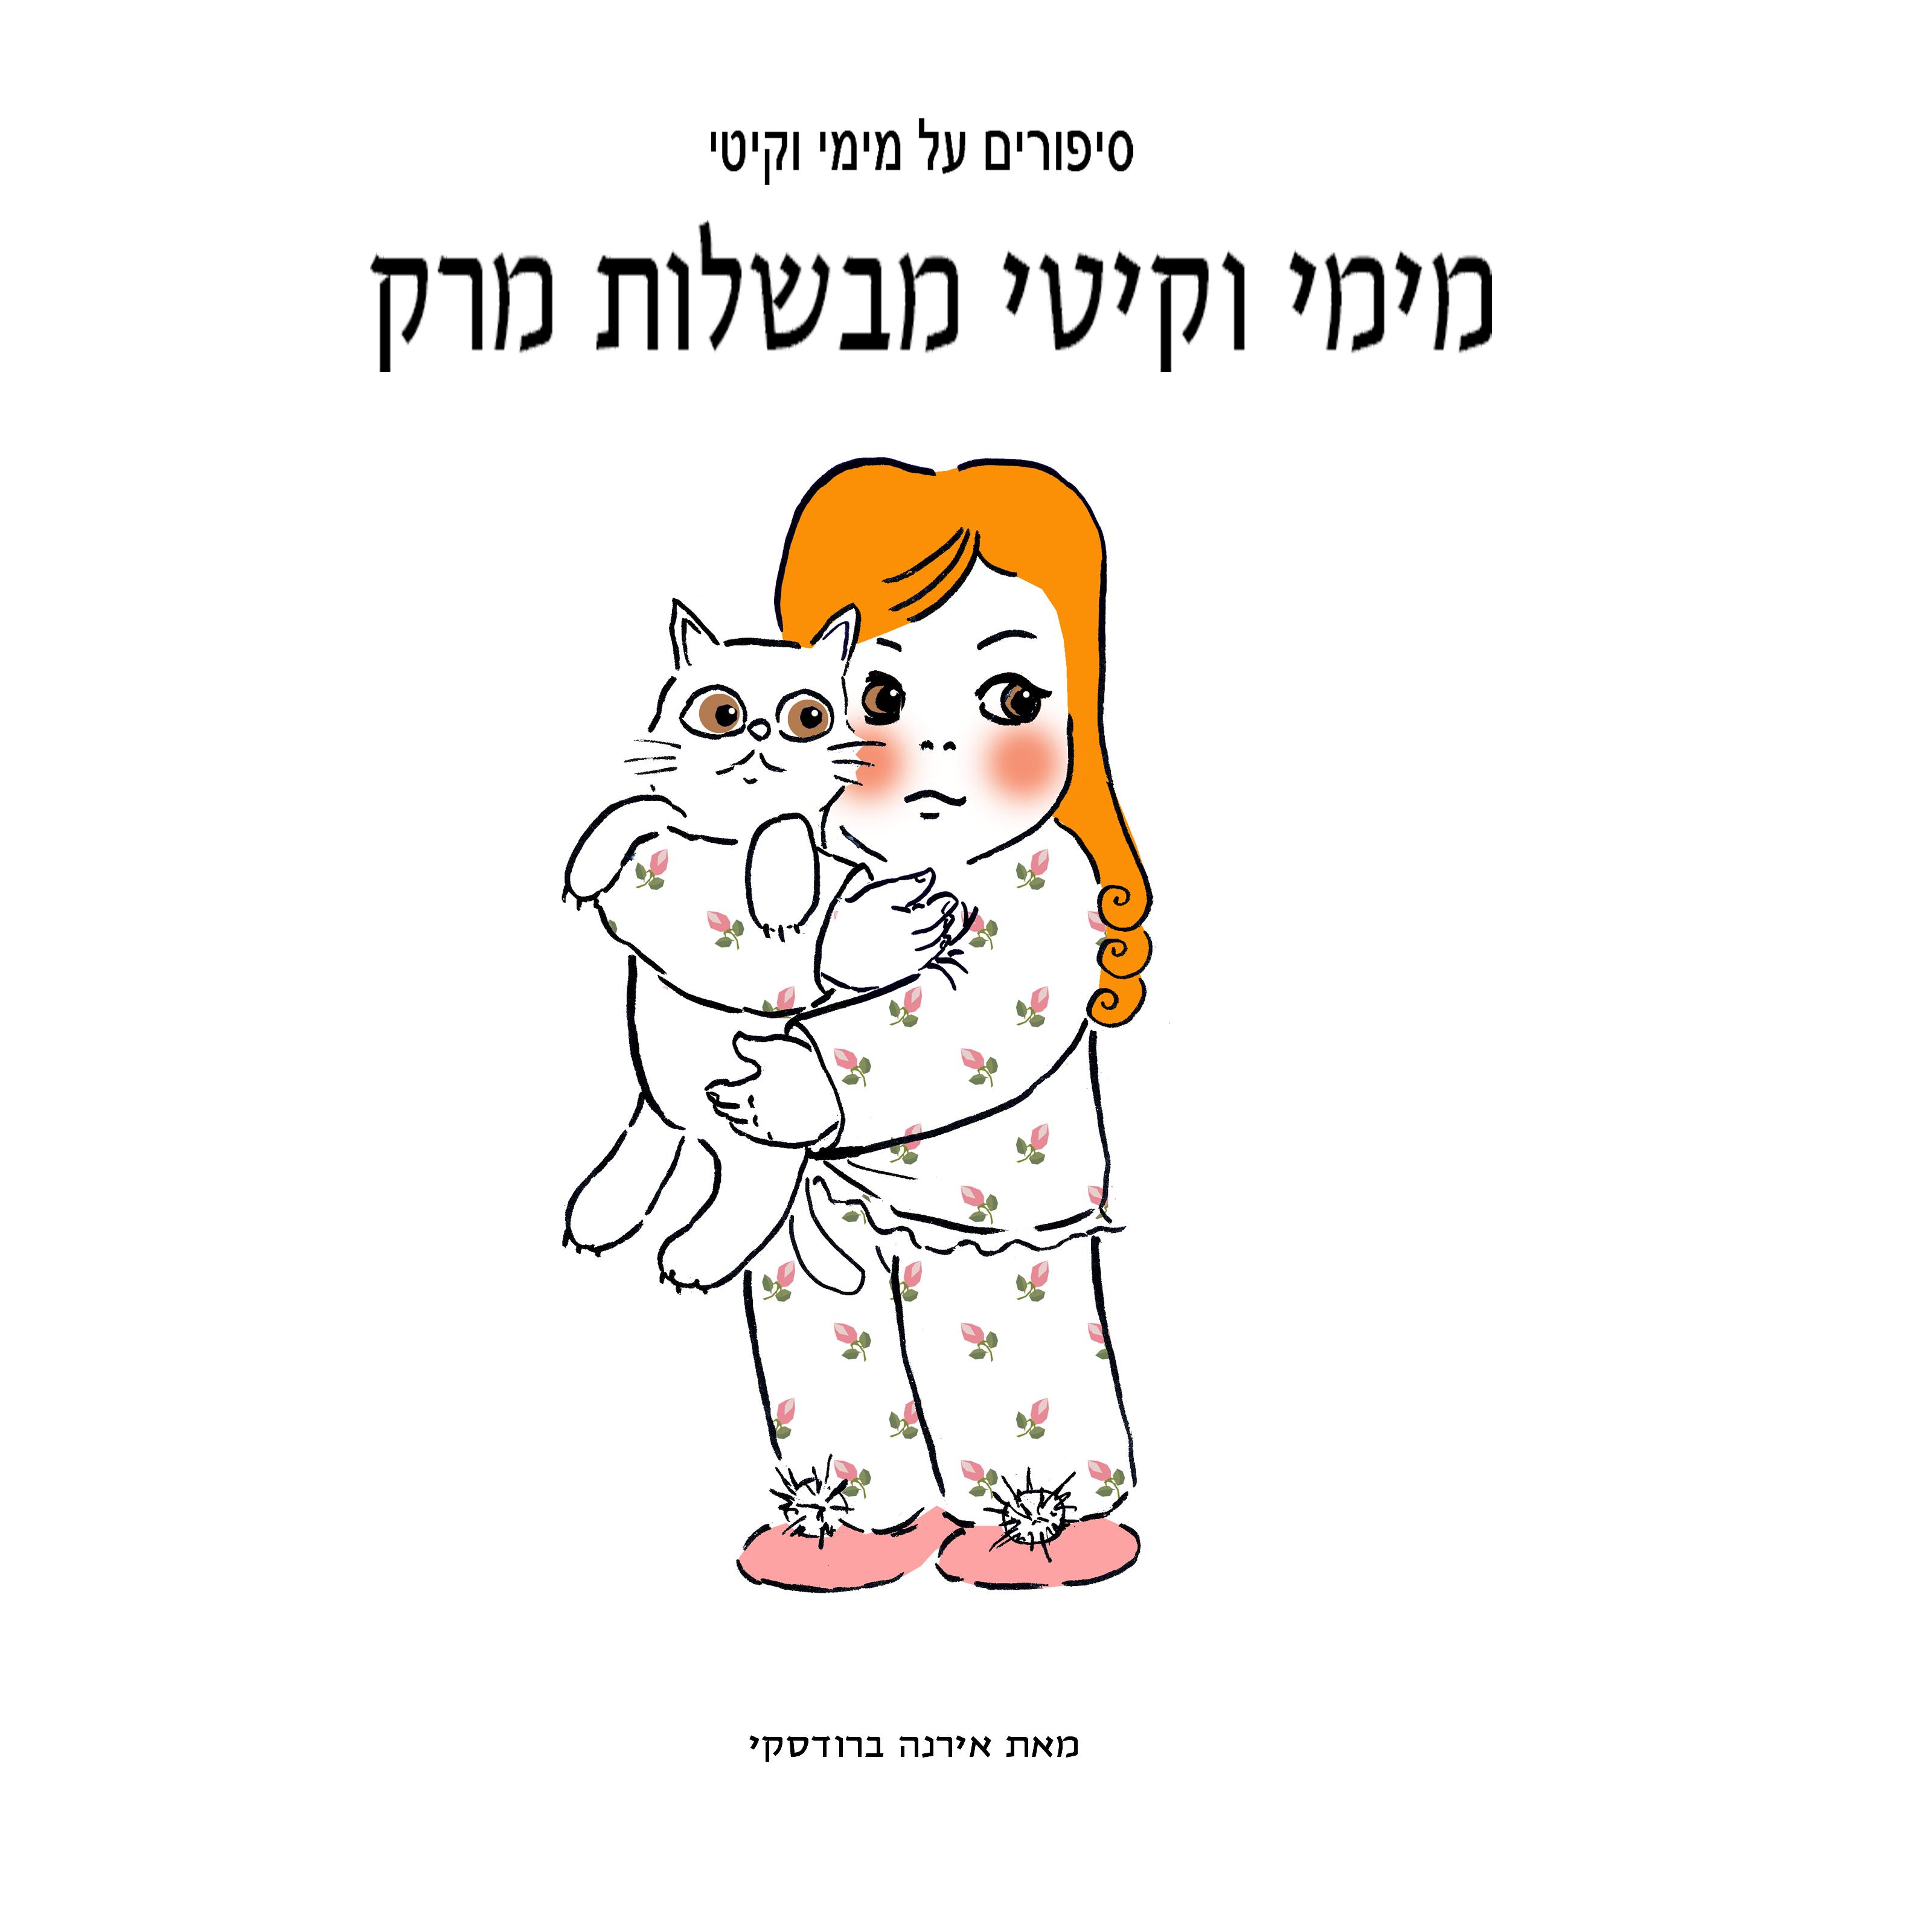 מימי&קיטי – 4 – מימי וקיטי מבשלות מרק by Irena Brodeski - Illustrated by Irena Brodeski - Ourboox.com